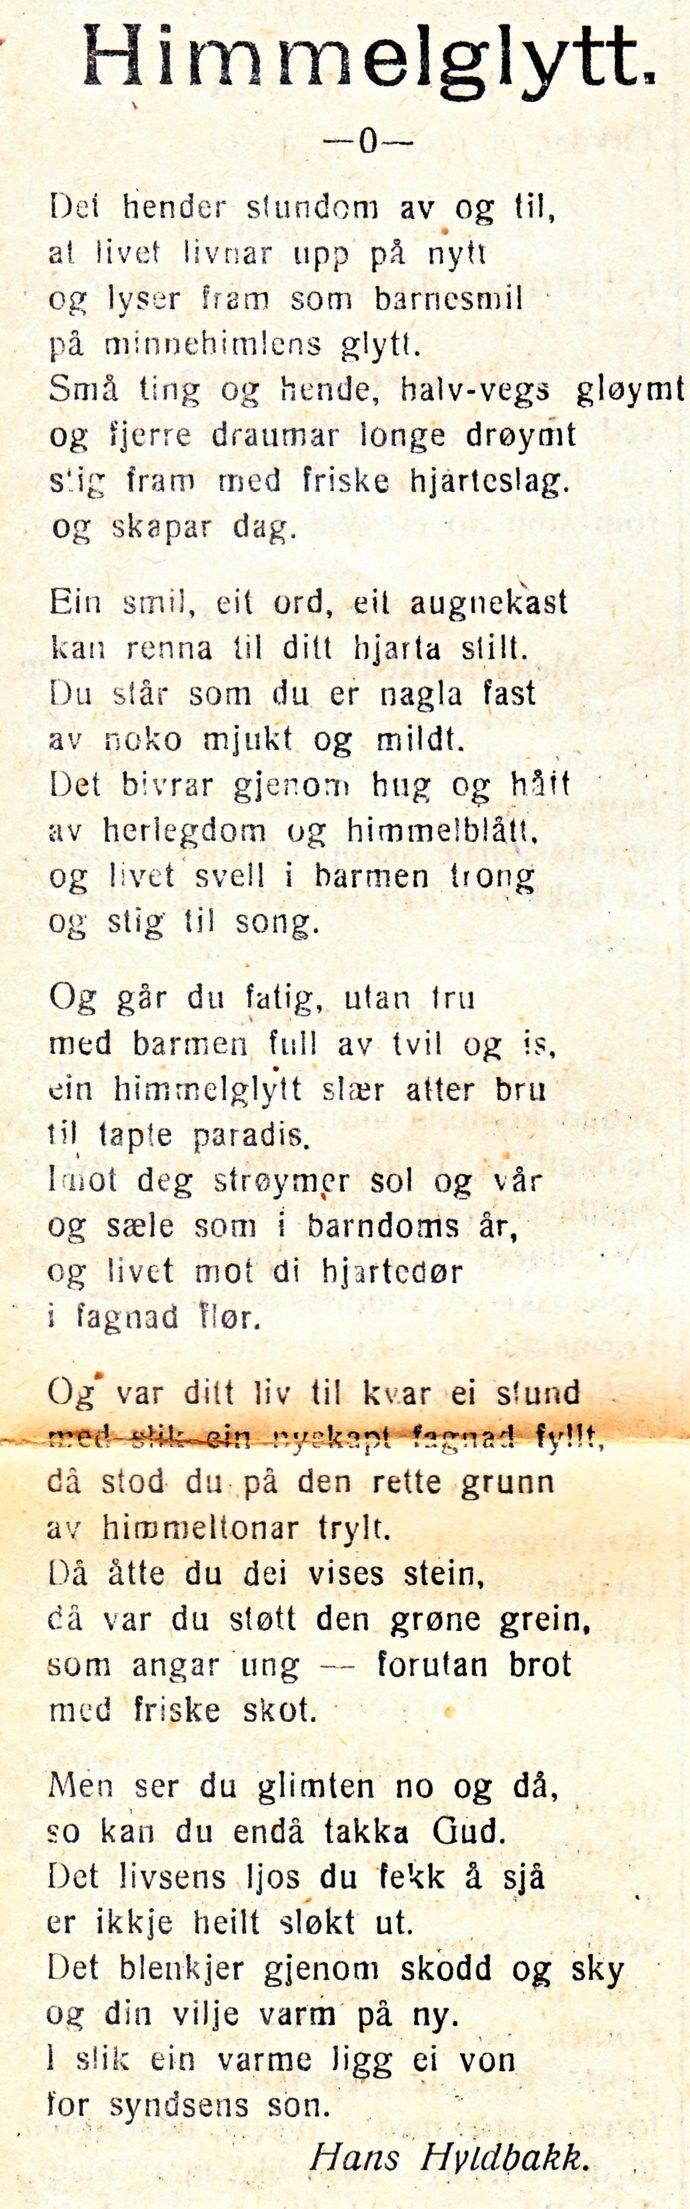 Himmelglytt HH_690x2209.jpg